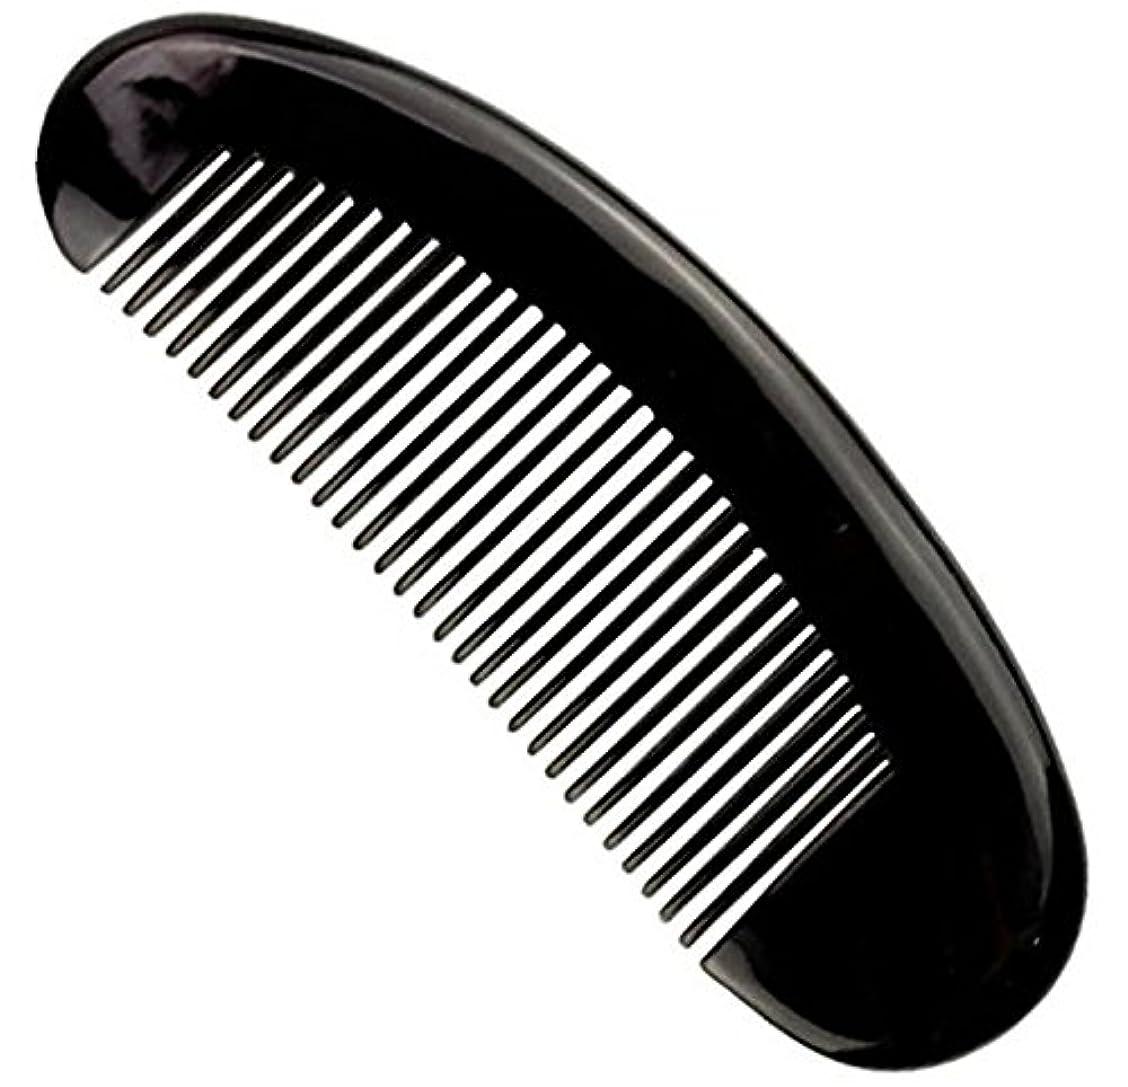 急ぐ安定しました大佐櫛型 プロも使う牛角かっさプレー マサージ用 血行改善 高級 天然 静電気防止 美髪 美顔 ボディ リンパマッサージ